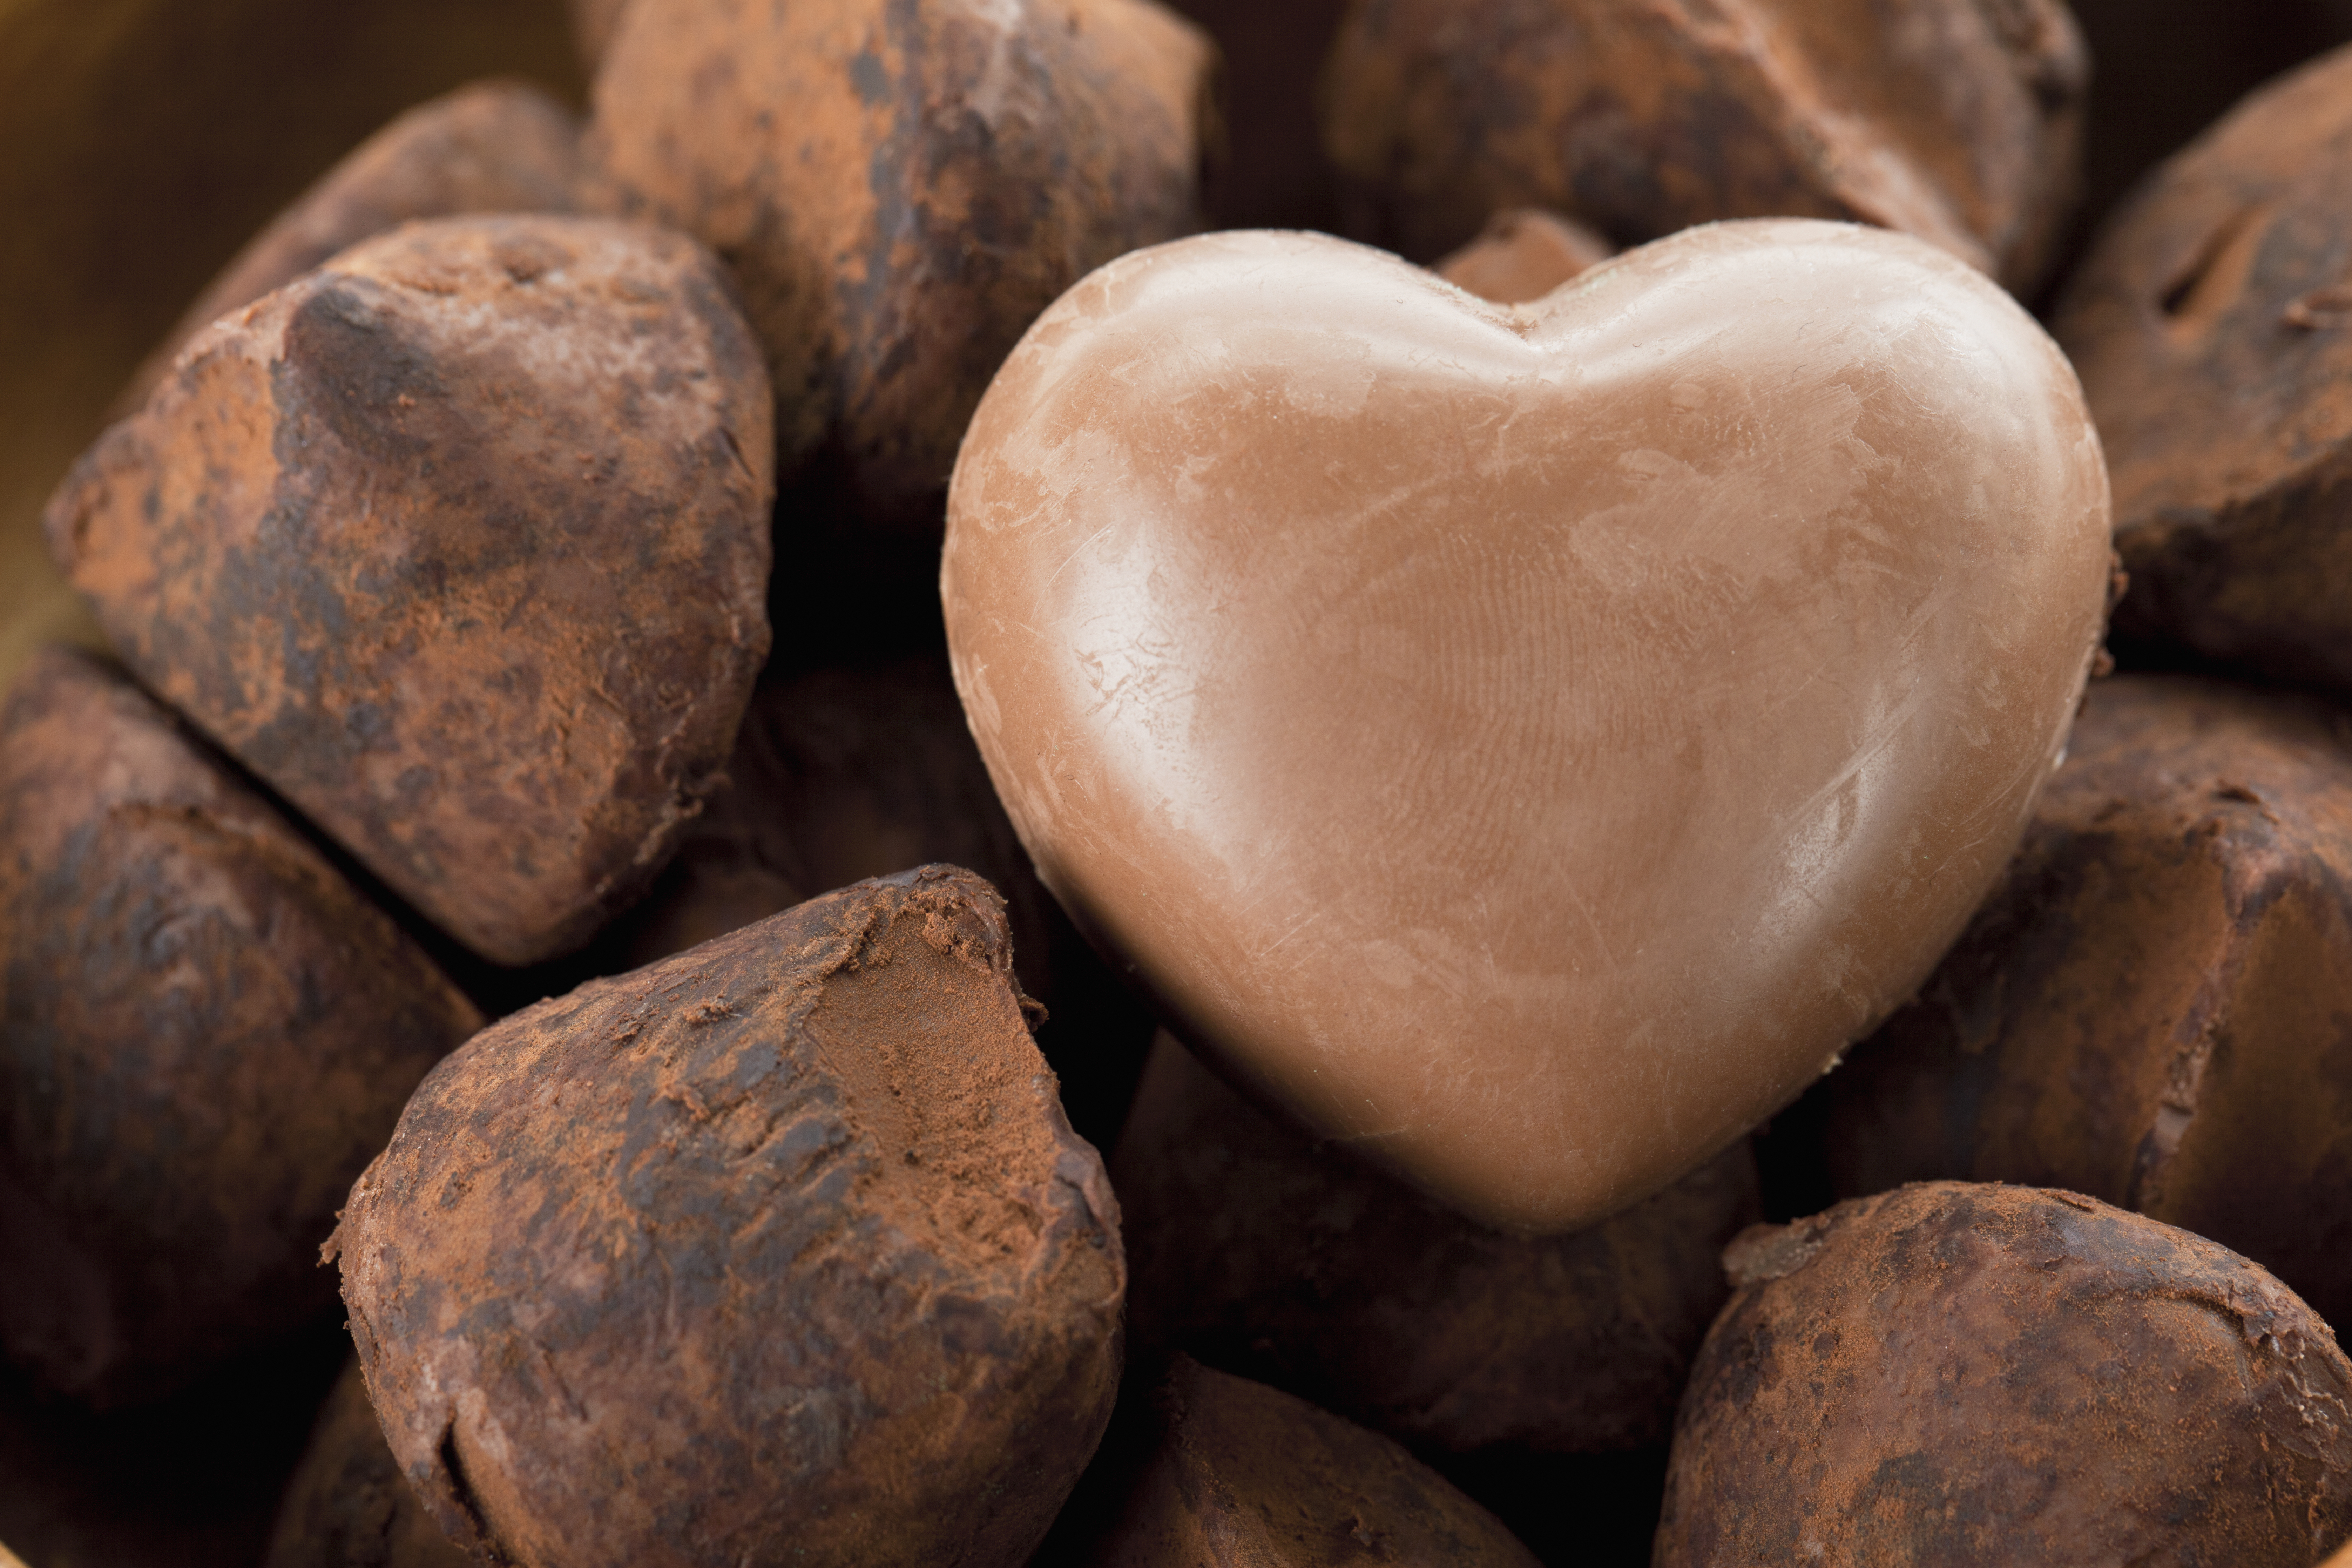 I en brittisk studie kunde man se att de som åt upp emot 100 gram choklad om dagen i genomsnitt hade 25 procent lägre risk att dö i hjärt-kärlsjukdom.